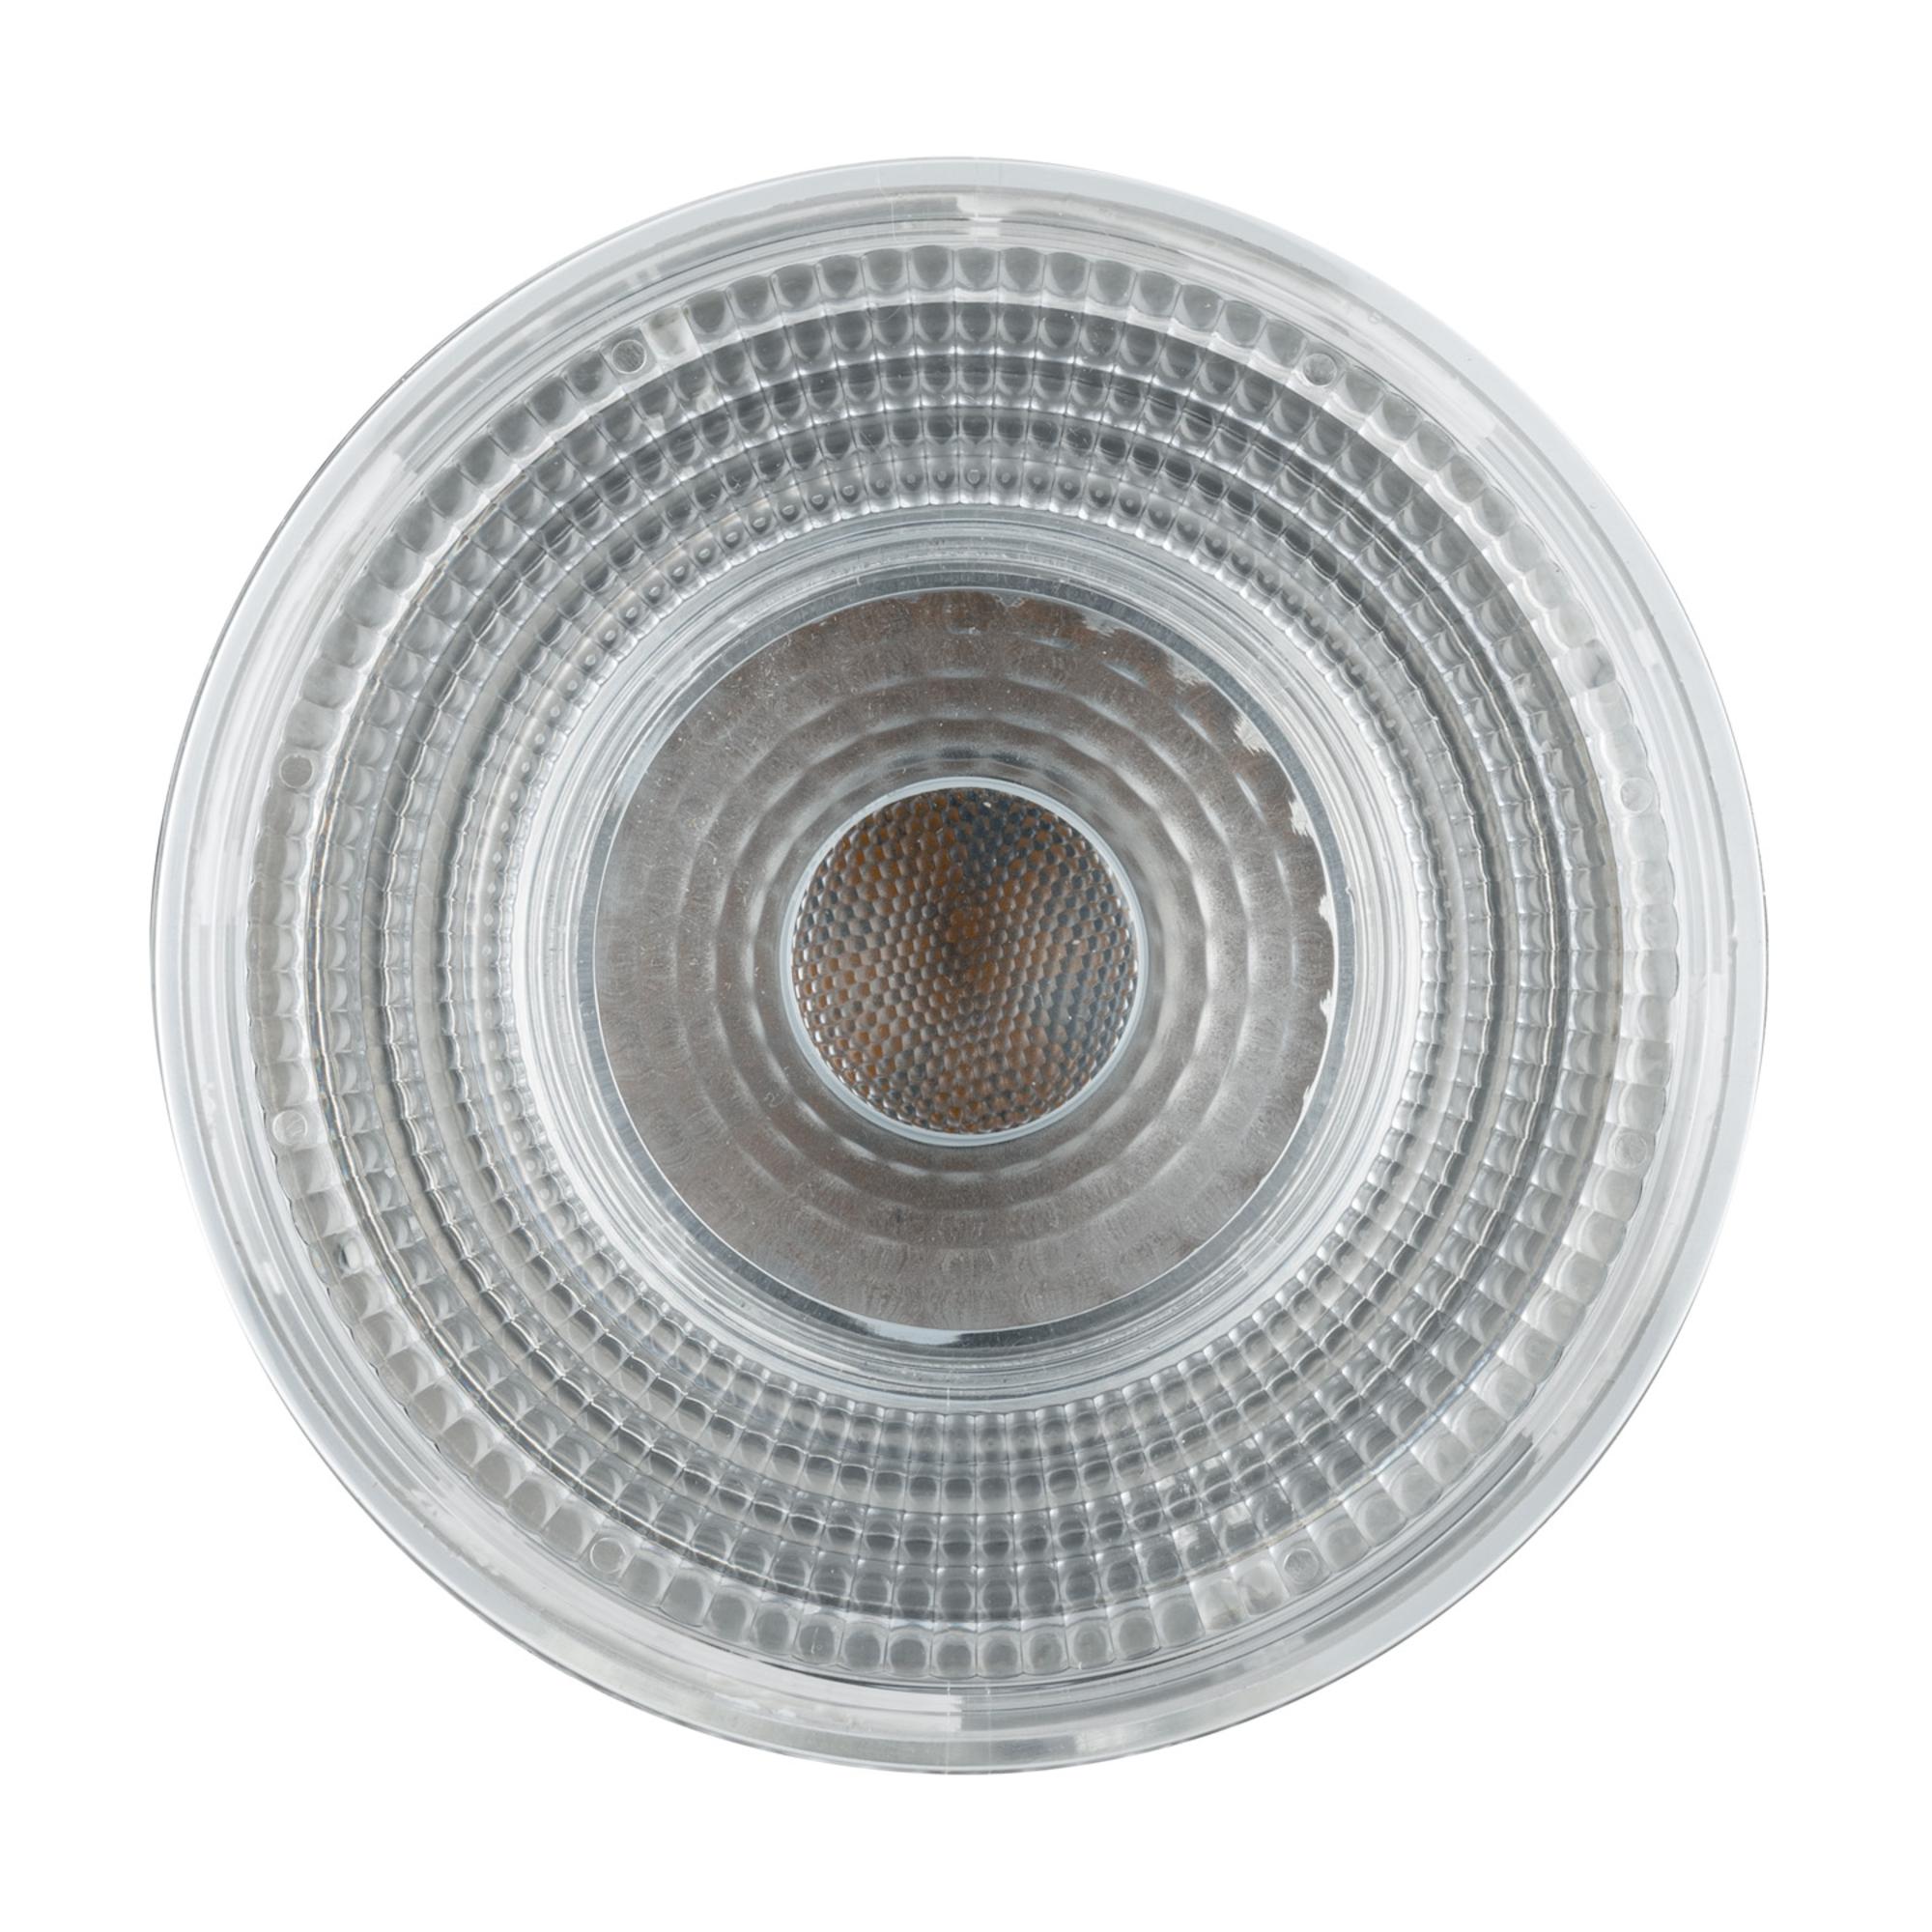 Лампа светодиодная Paulmann Рефлекторная PAR38 10Вт 900лм 2700К Е27 230В Прозрачный 28445.